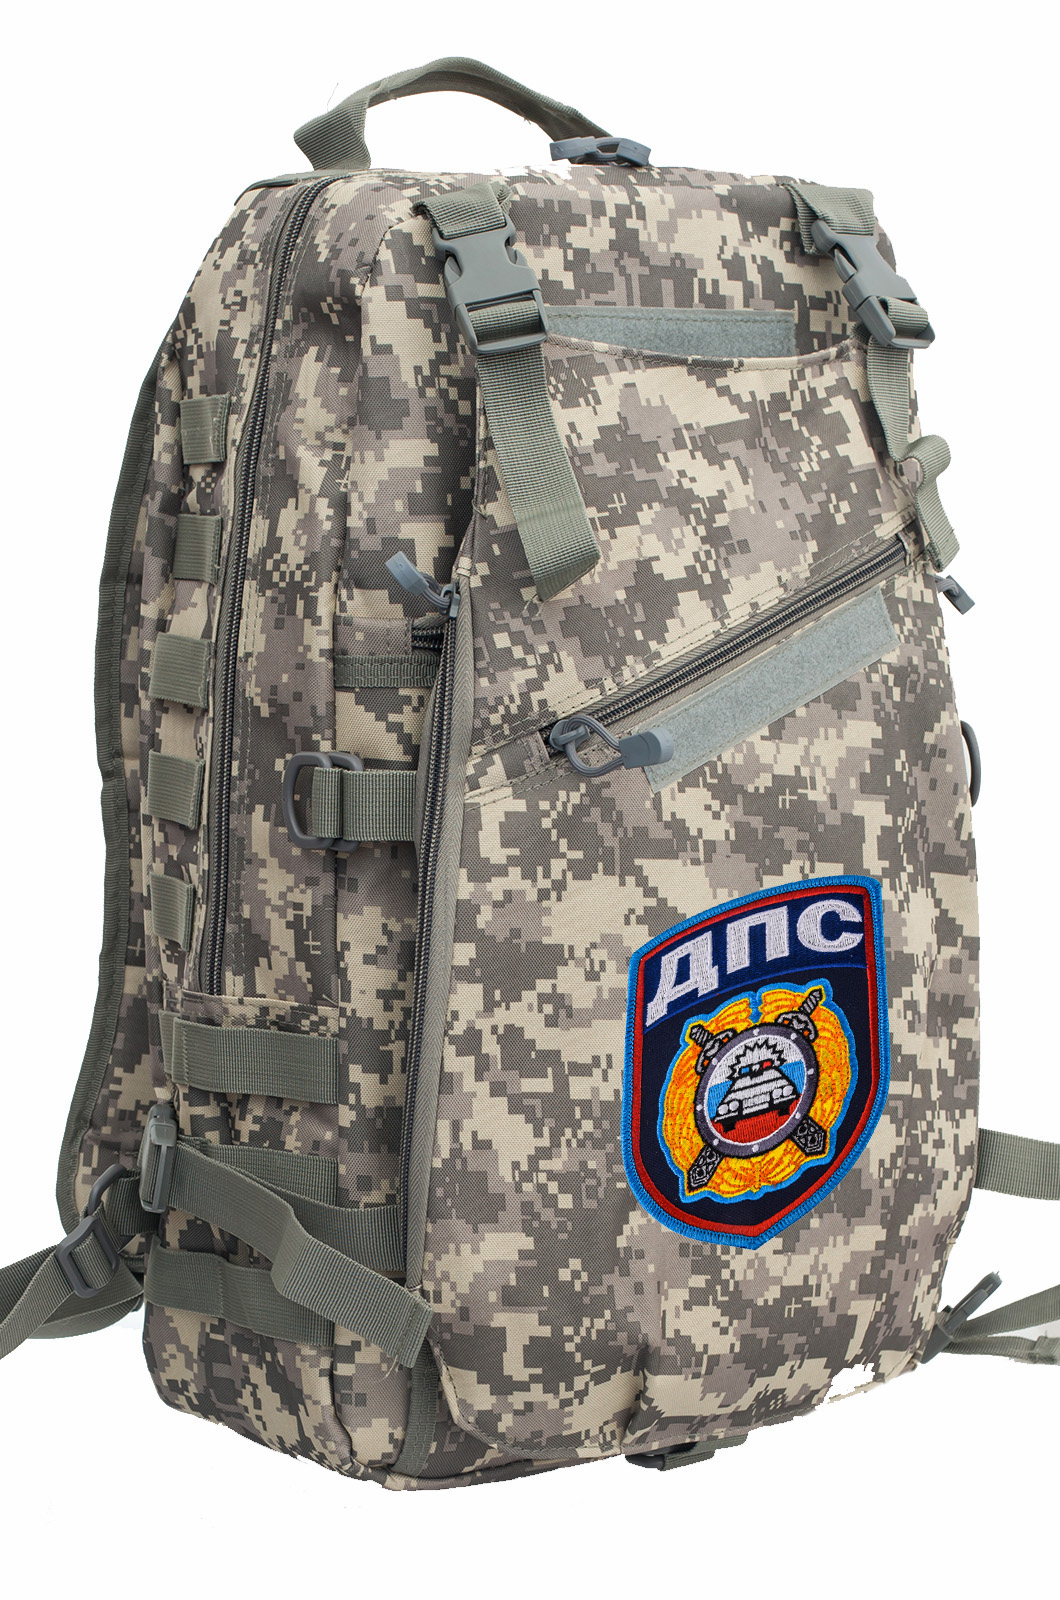 Эргономичный военный рюкзак с нашивкой ДПС - куить онлайн